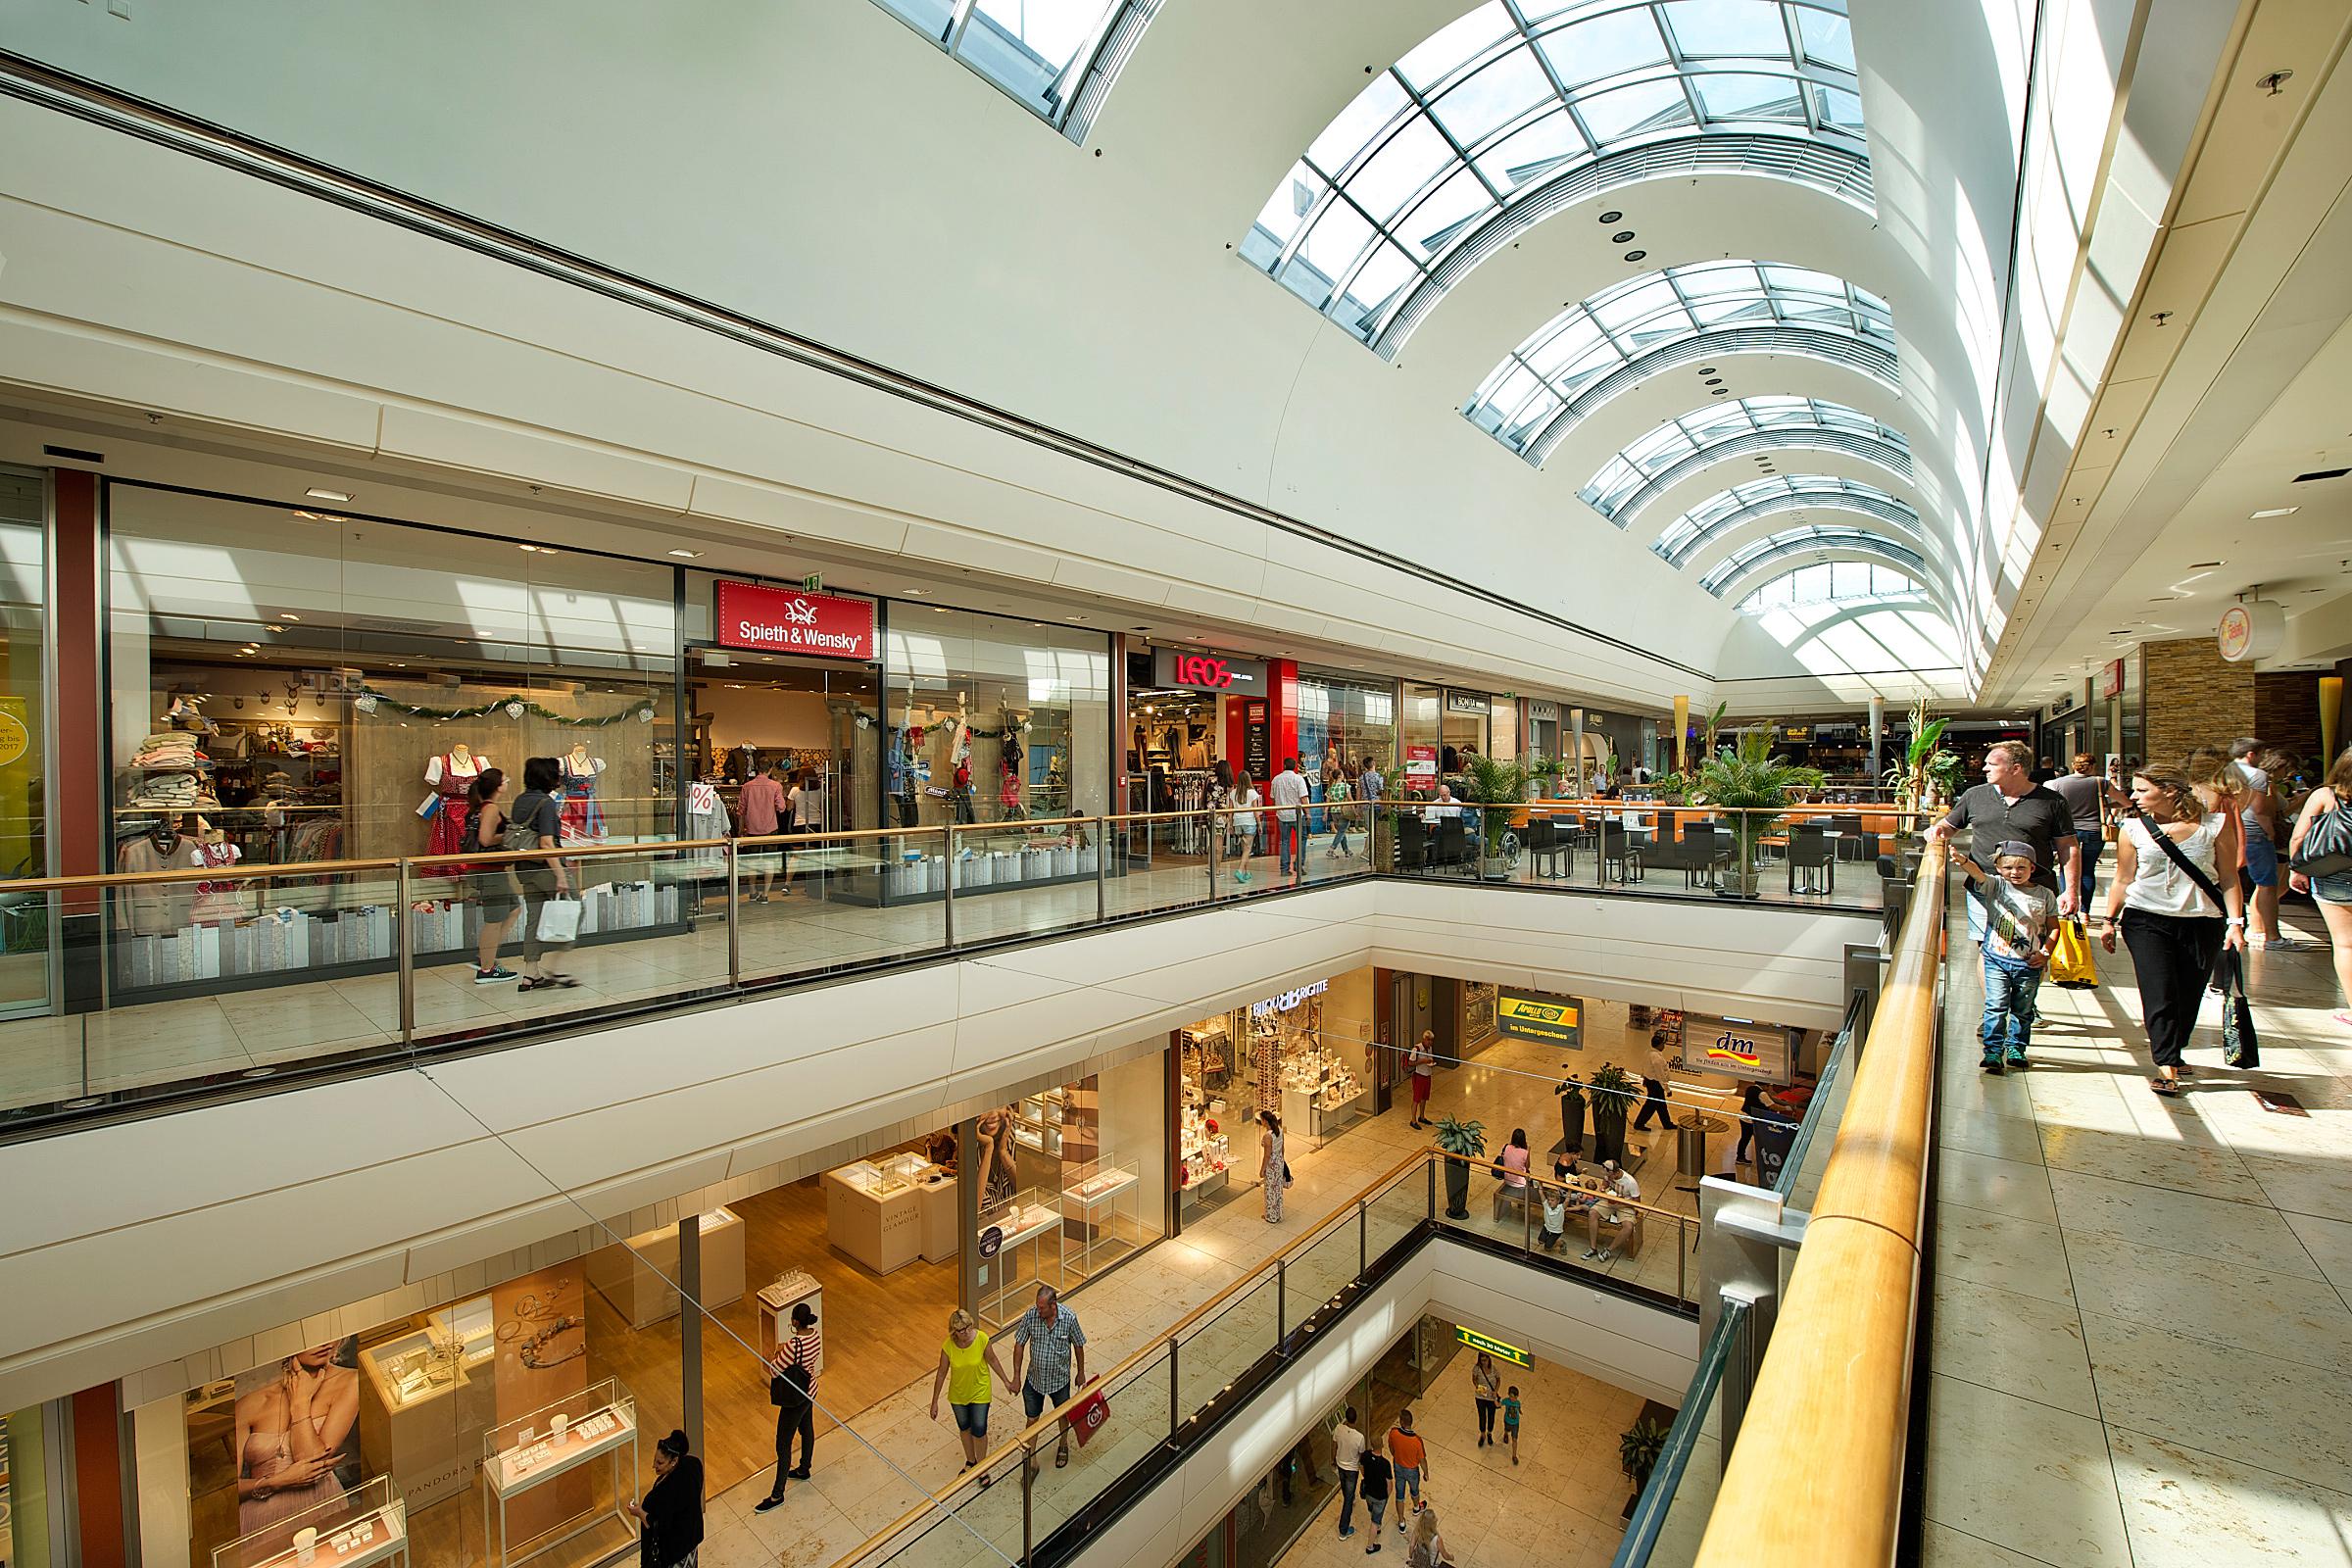 Shopping Center Passau Deutsche EuroShop